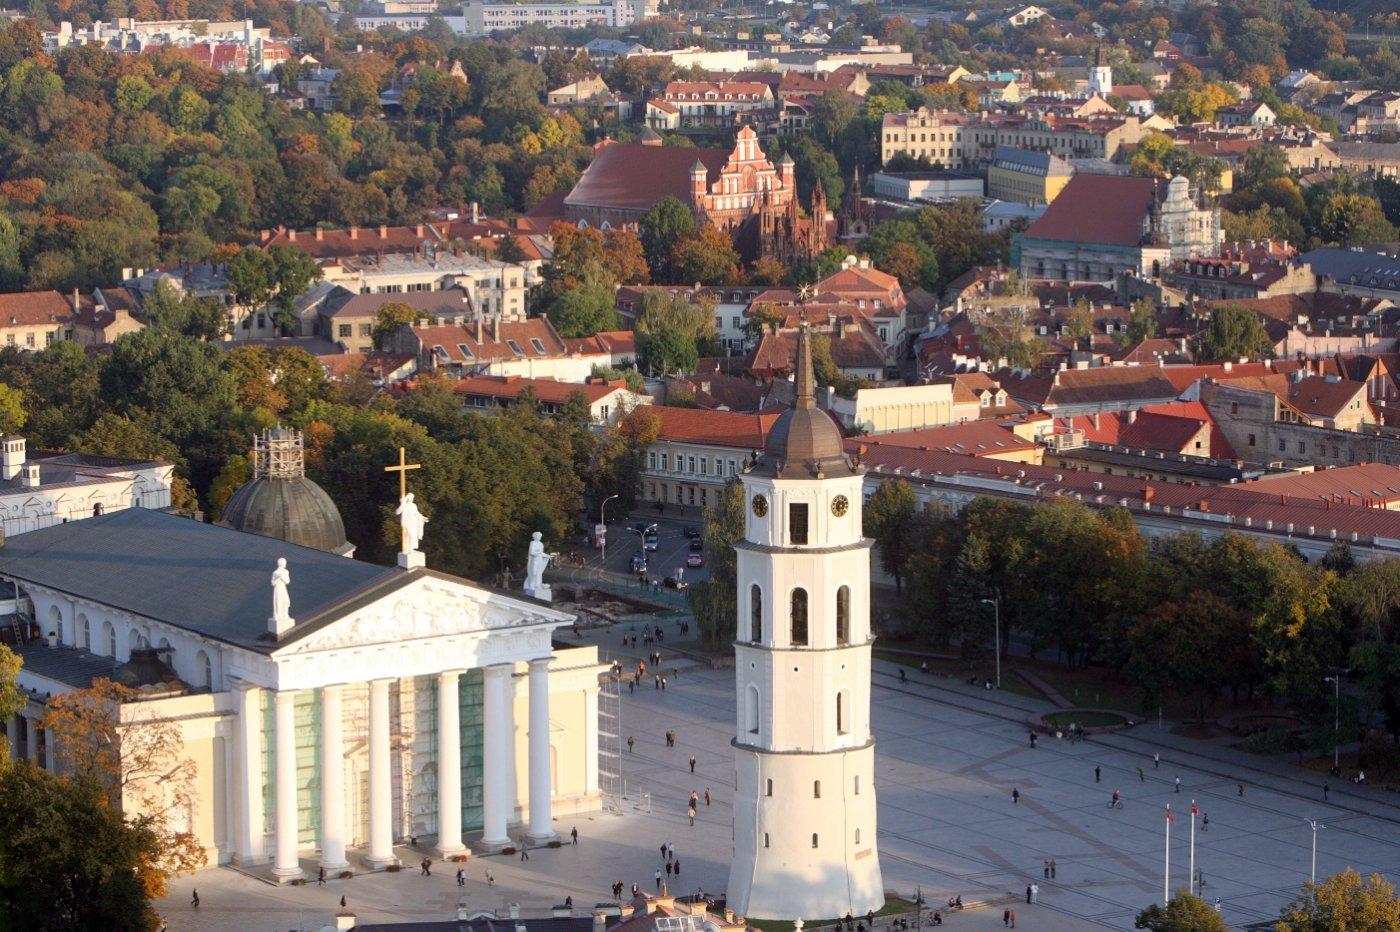 Фото Исторический центр Вильнюса. Литва, Вильнюсский уезд, Вилниаус м. савивалдйбе